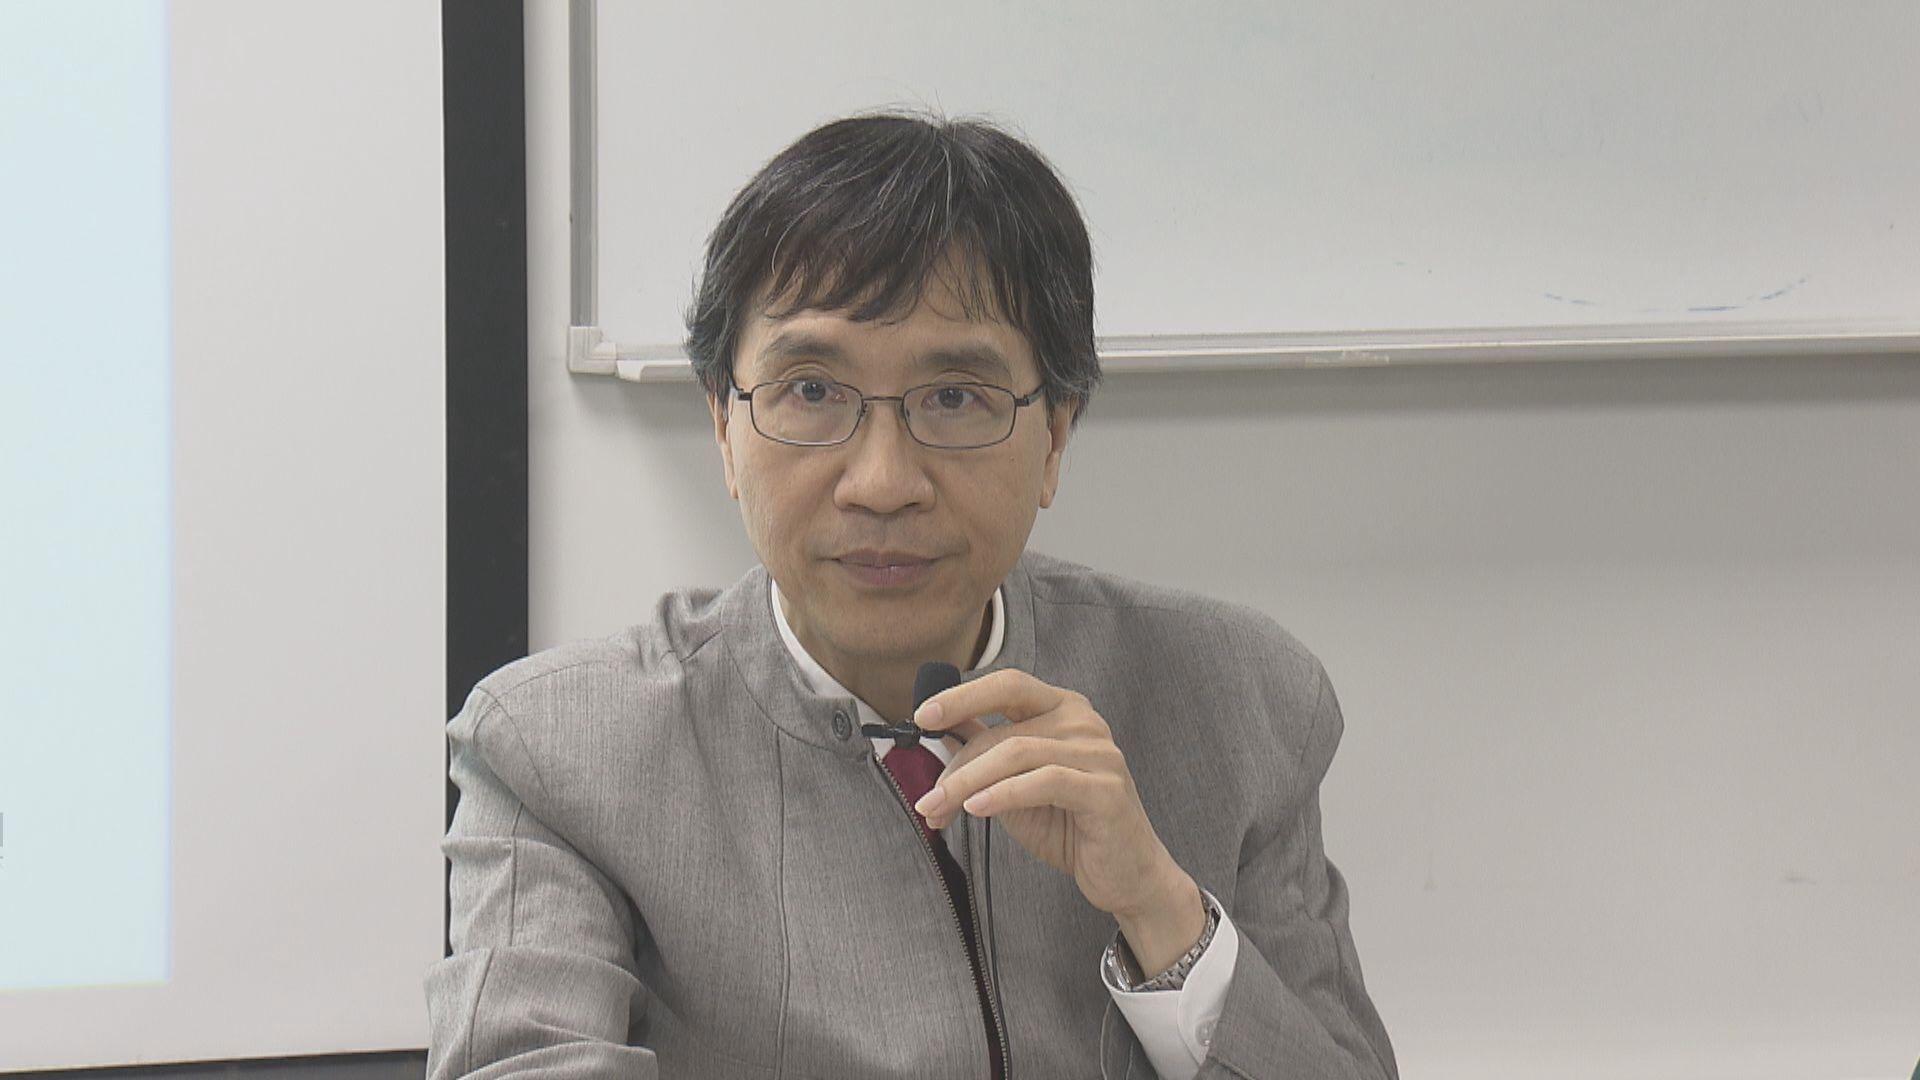 袁國勇:如個案數字仍大幅上升 應考慮禁止市民外出